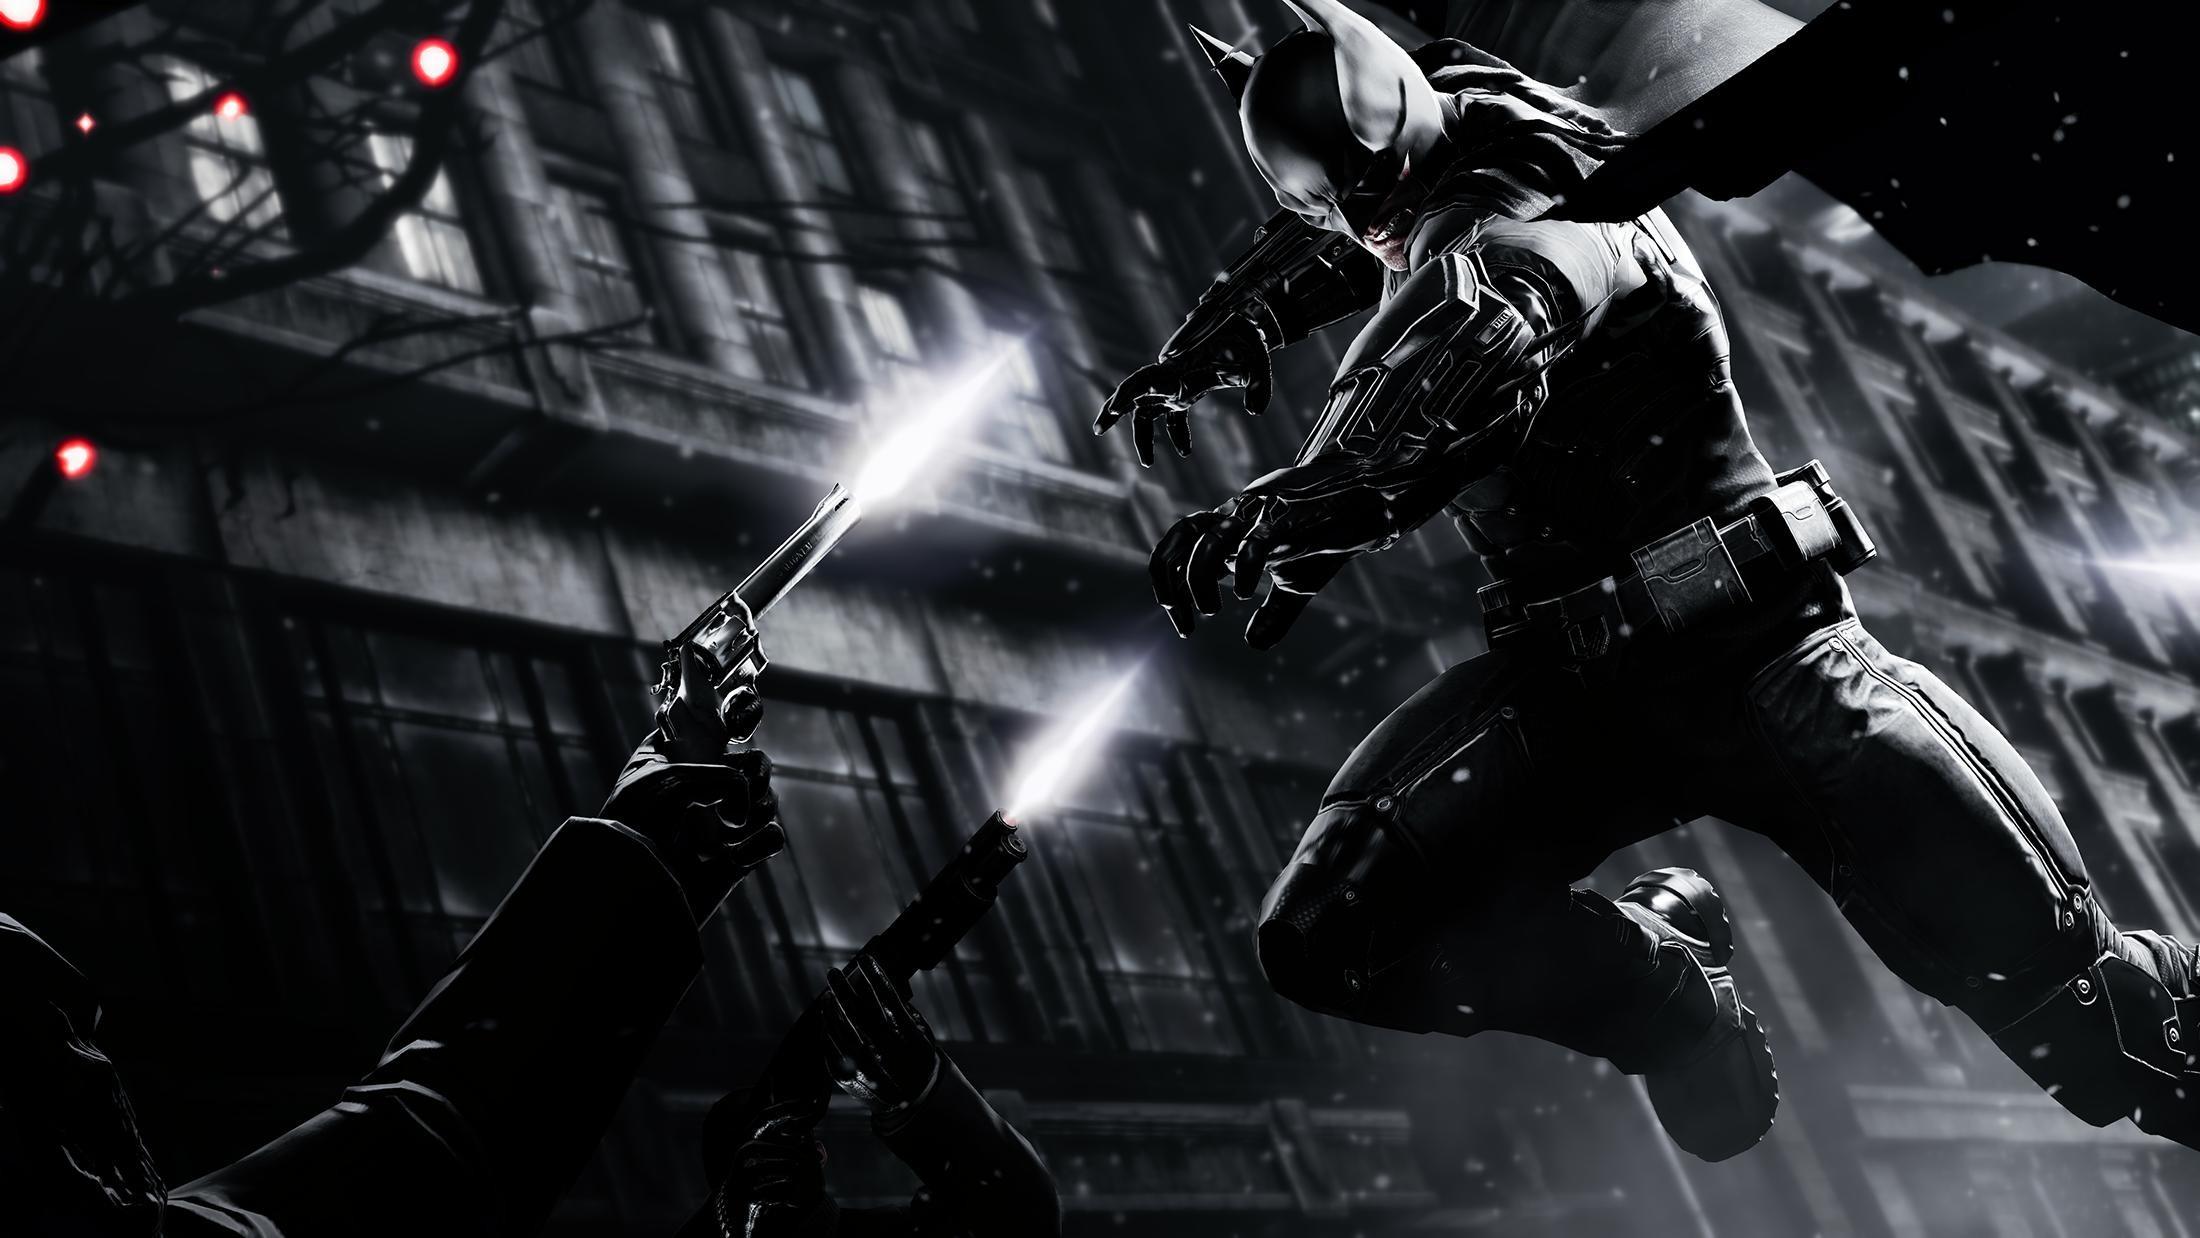 Batman Arkham Origins HD desktop wallpaper Widescreen High